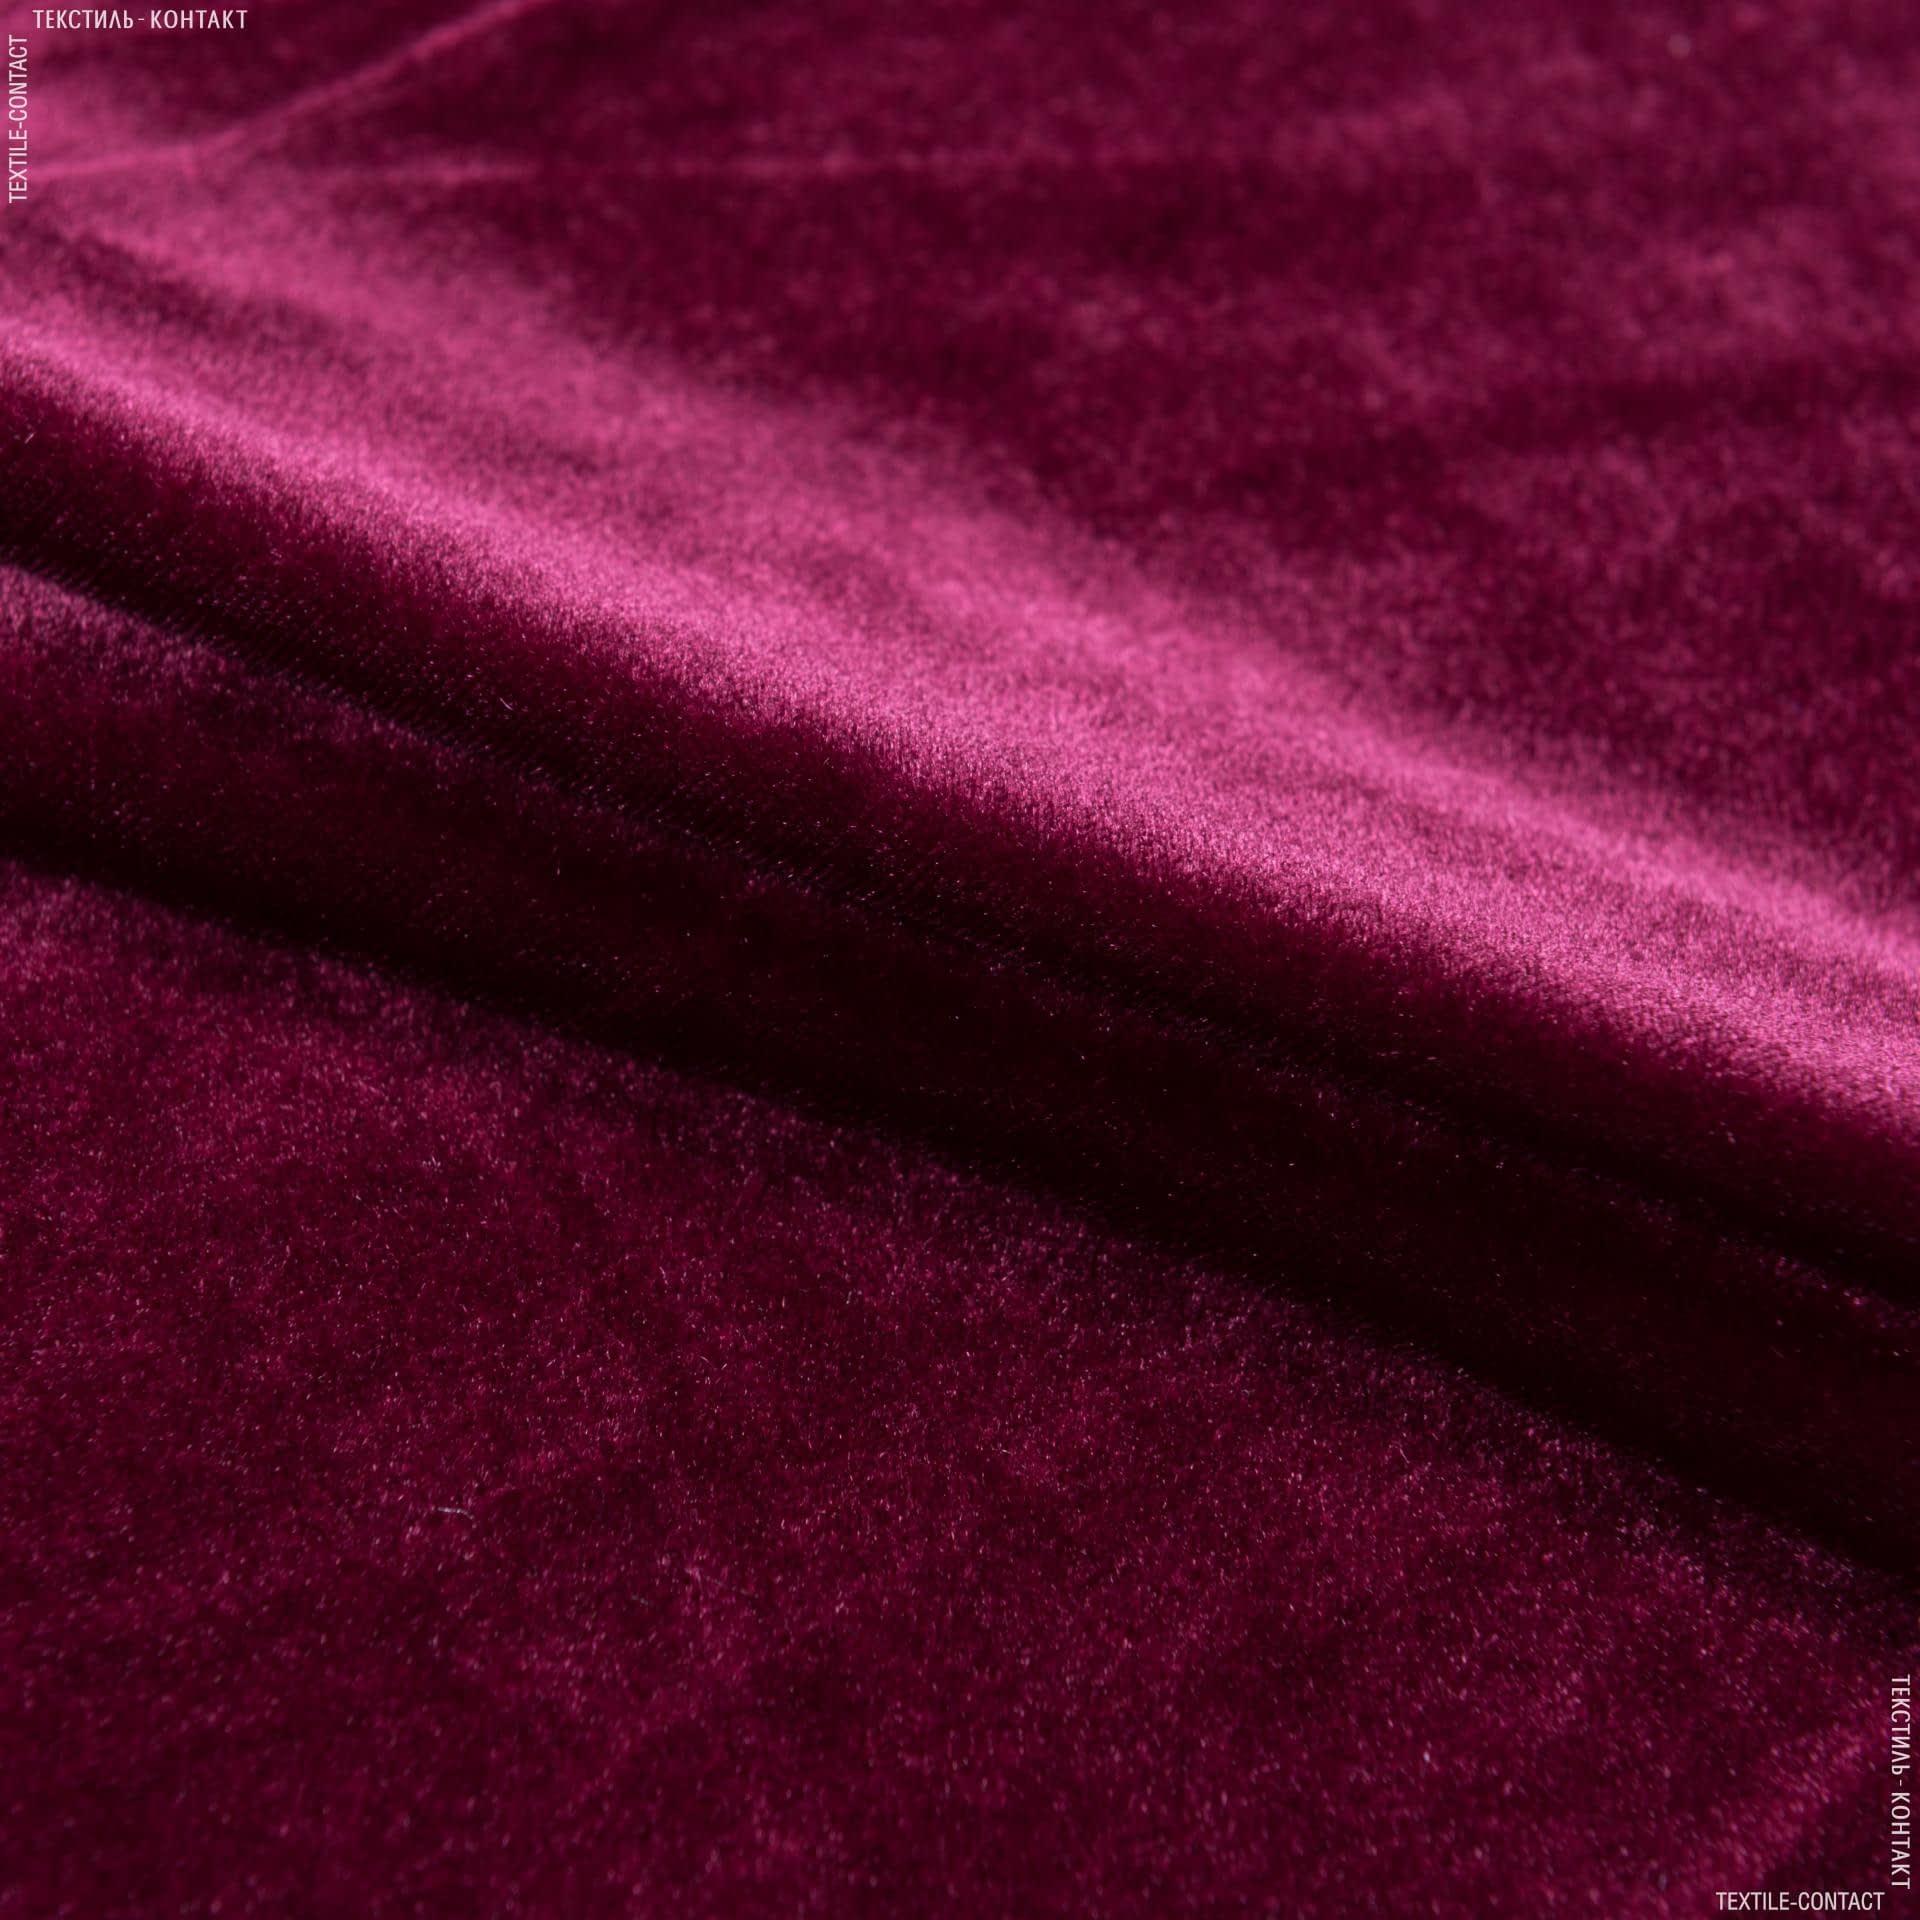 Тканини для дитячого одягу - Оксамит стрейч темно-вишневий